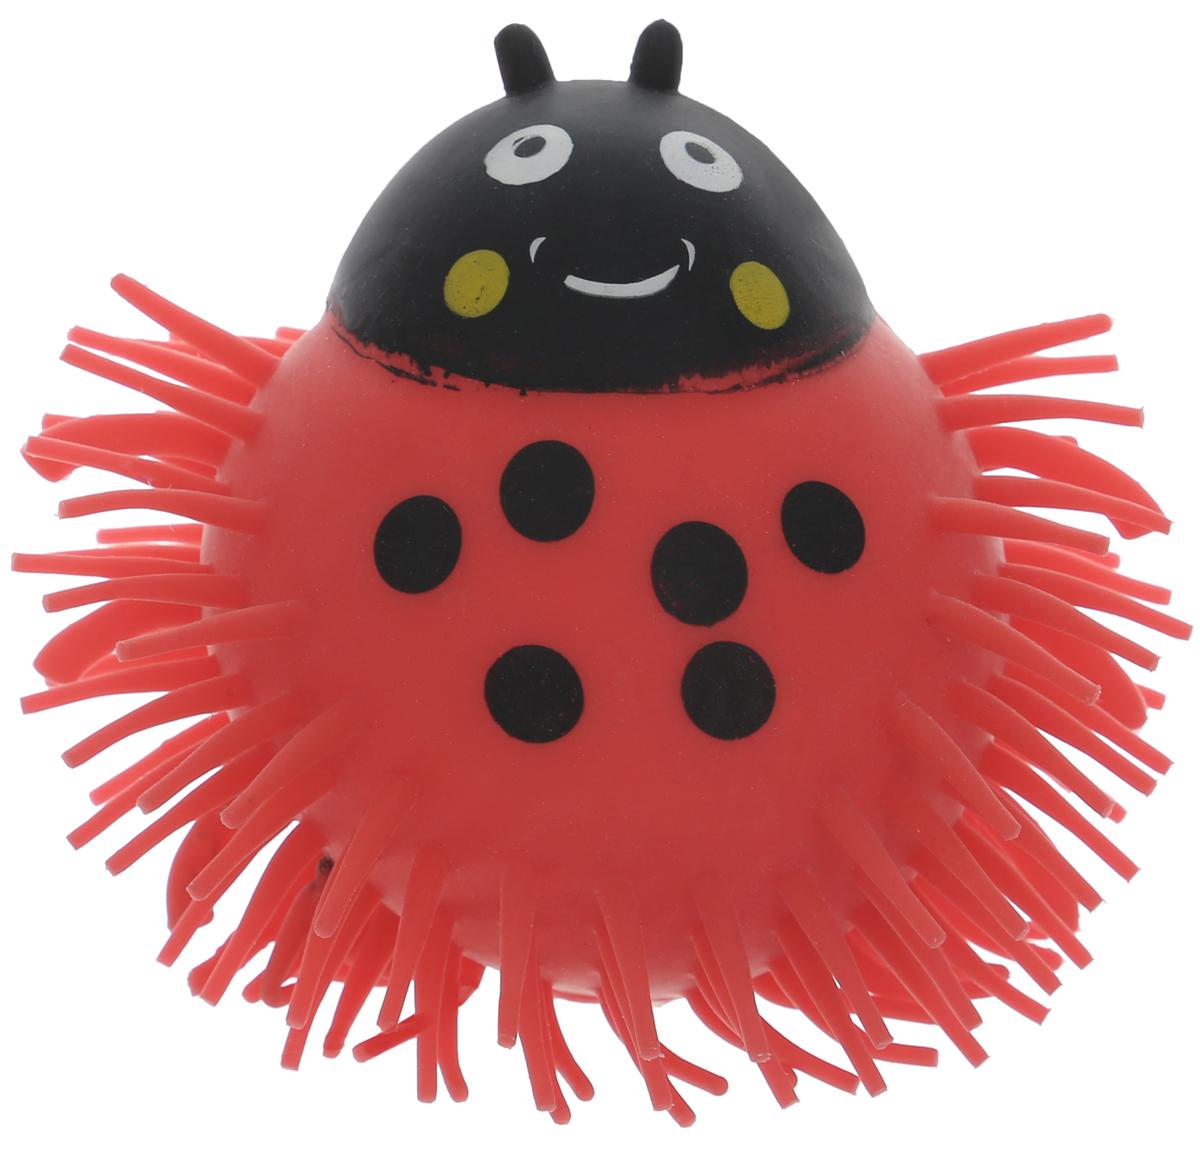 1TOY Игрушка-антистресс Ё-Ёжик Жук цвет красный 1toy игрушка антистресс ё ёжик животное цвет бежевый